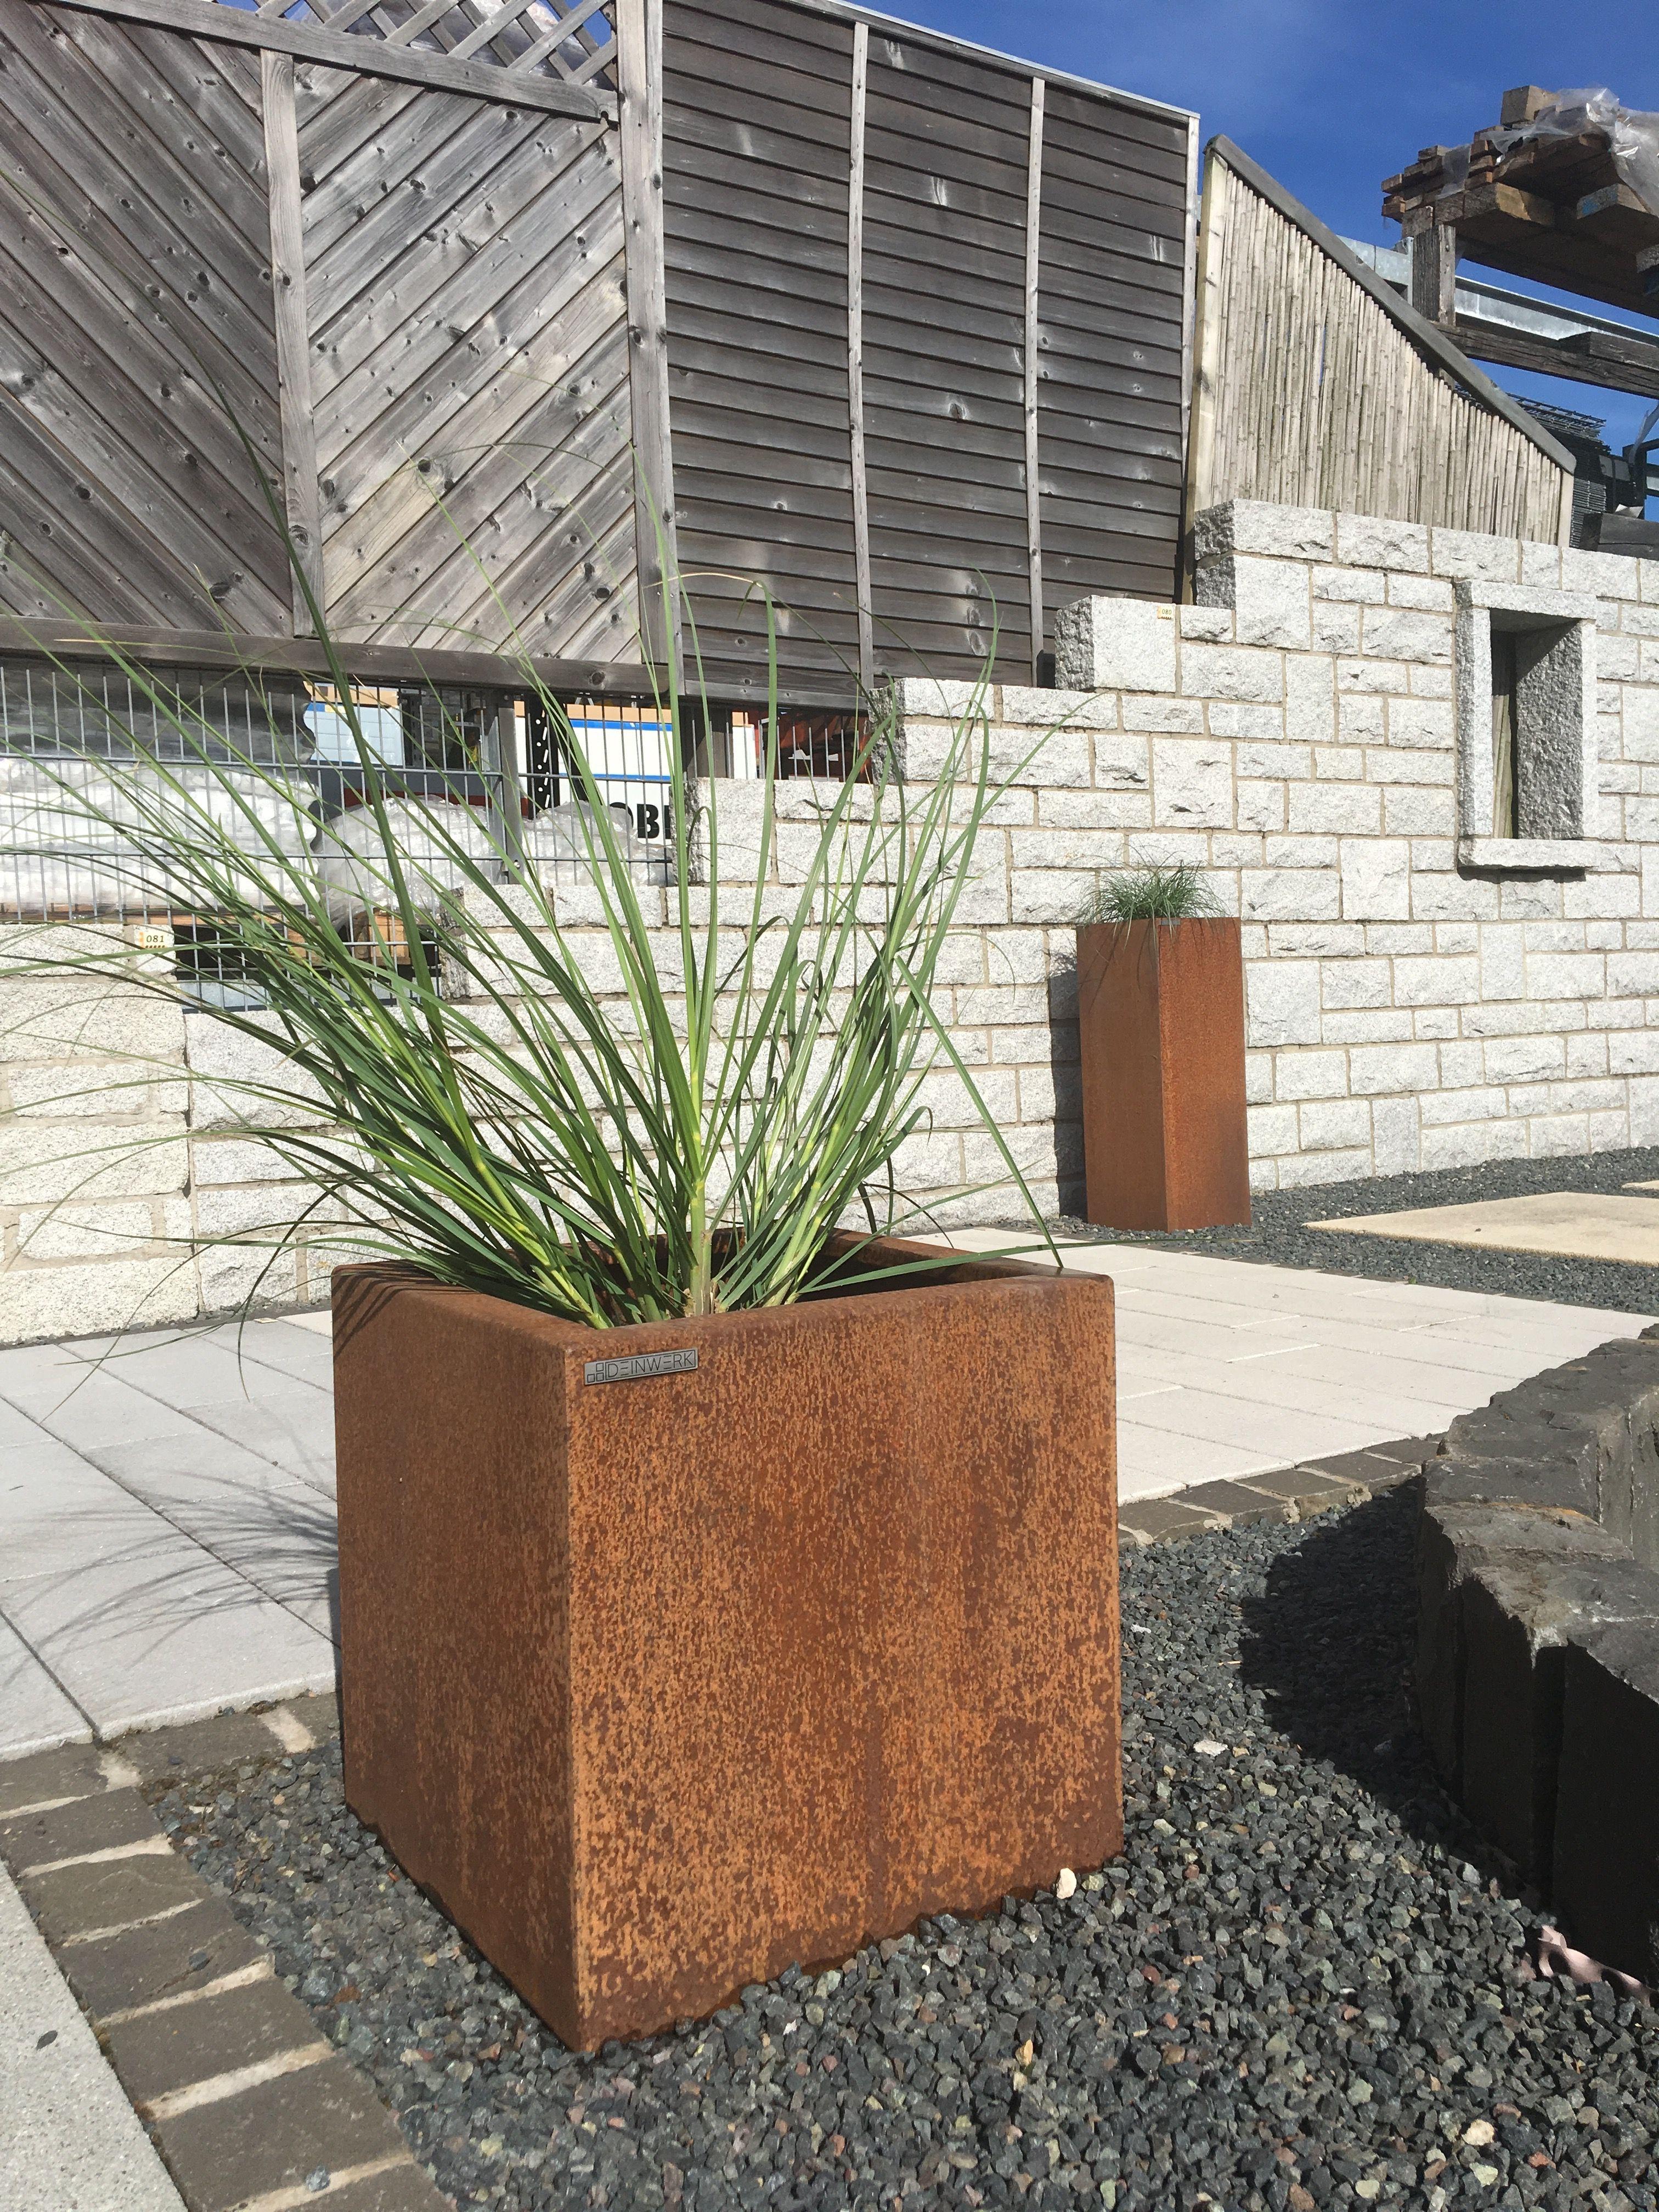 cortenstahl garten terrasse produkte, cortenstahl pflanzkübel cube 40x40 von deinwerk   1. deinwerk, Design ideen